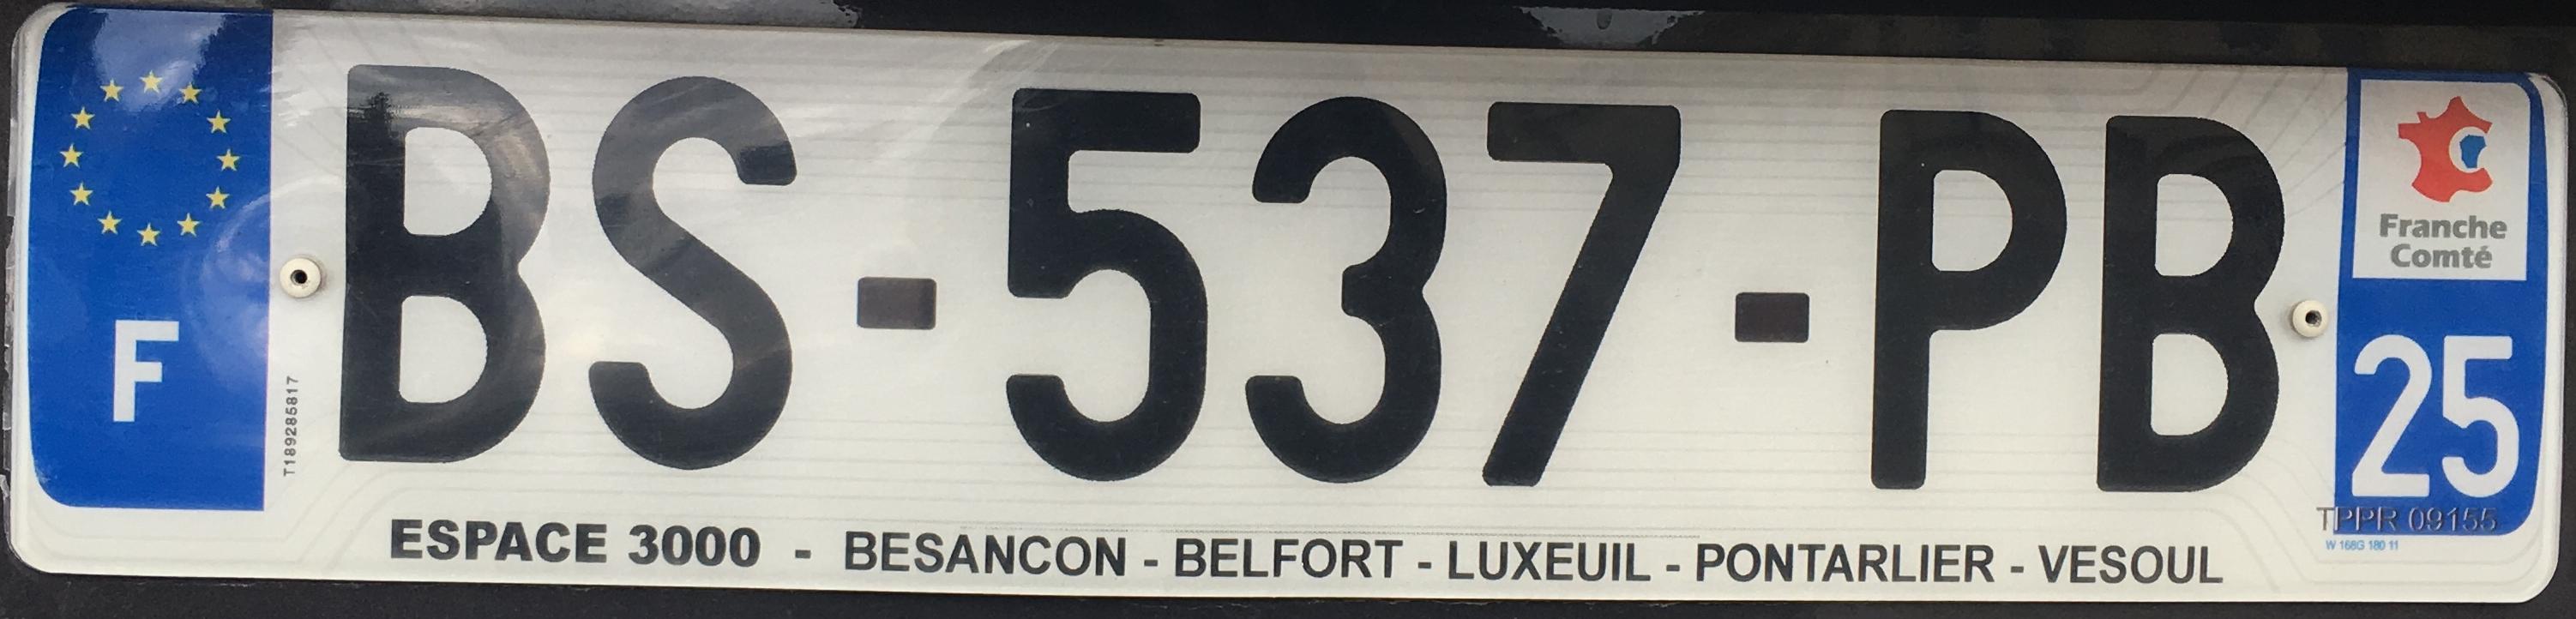 Francouzská registrační značka – 25 - Doubs, foto: www.podalnici.cz